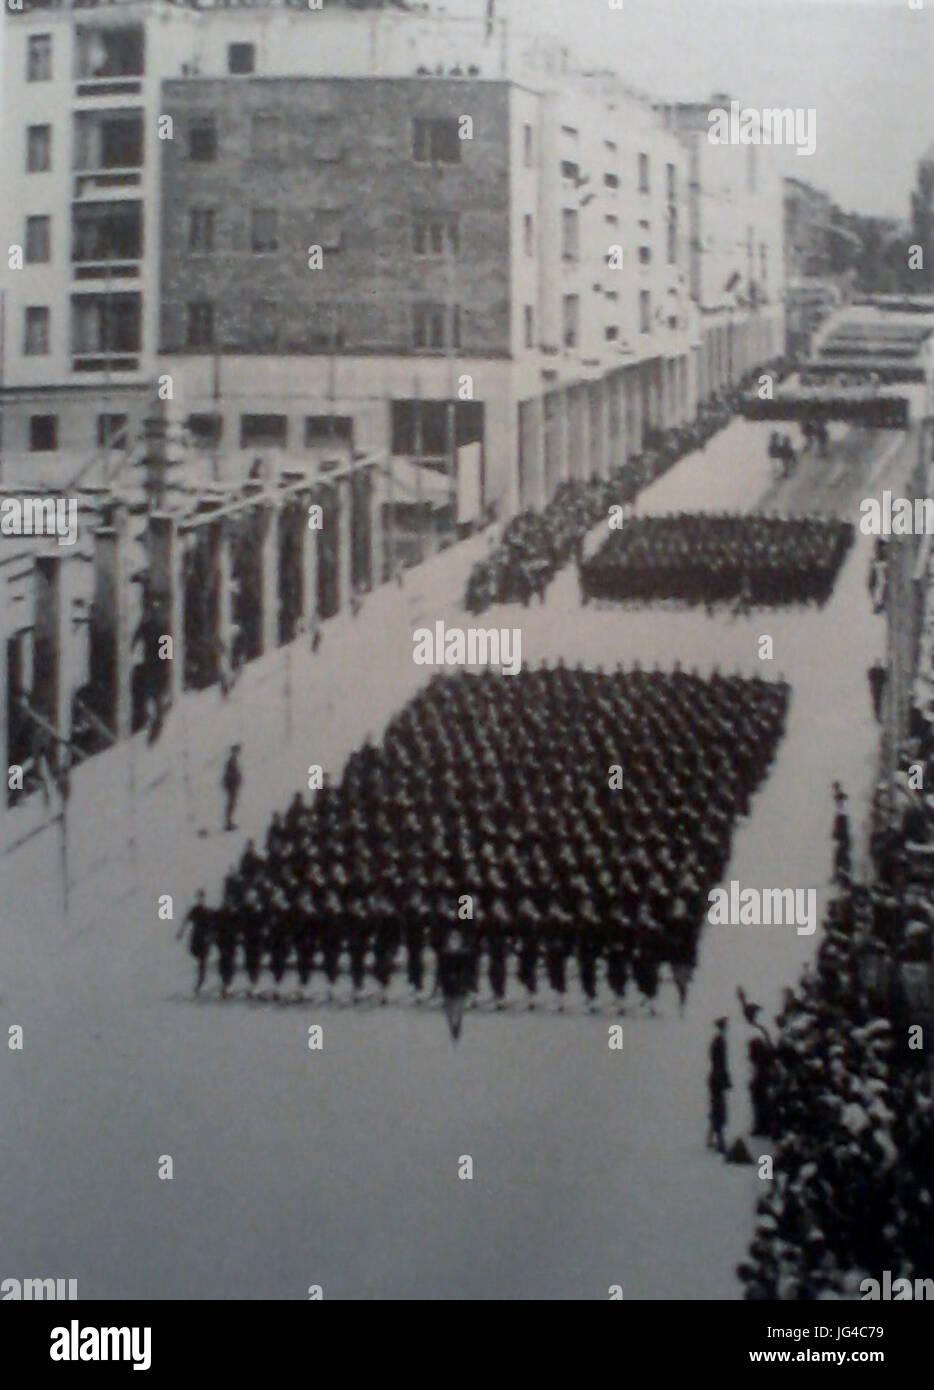 Parata Camice Nere in Corso Libertà a Bolzano - Stock Image